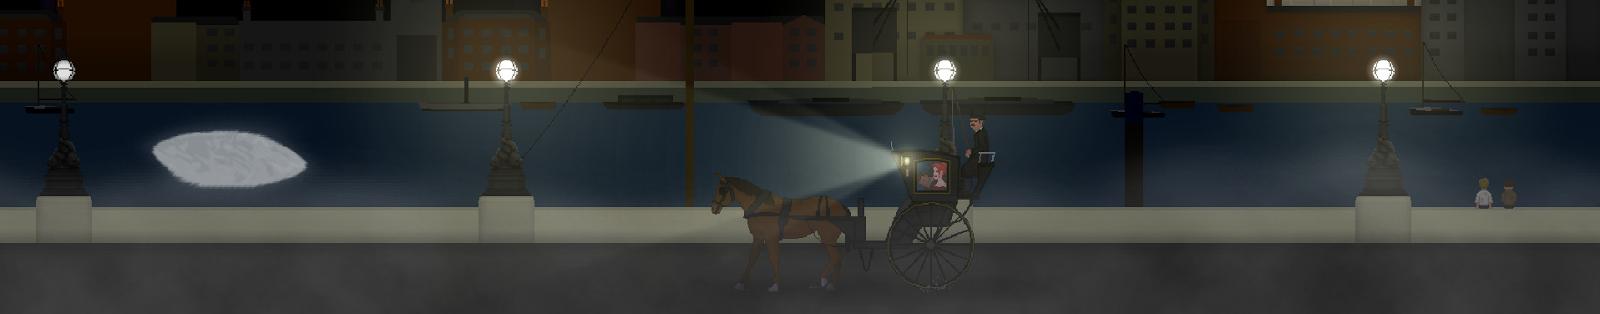 Un carruaje con un farol y una mujer abordo cruza viaja en paralelo al Támesis en una brumosa noche.